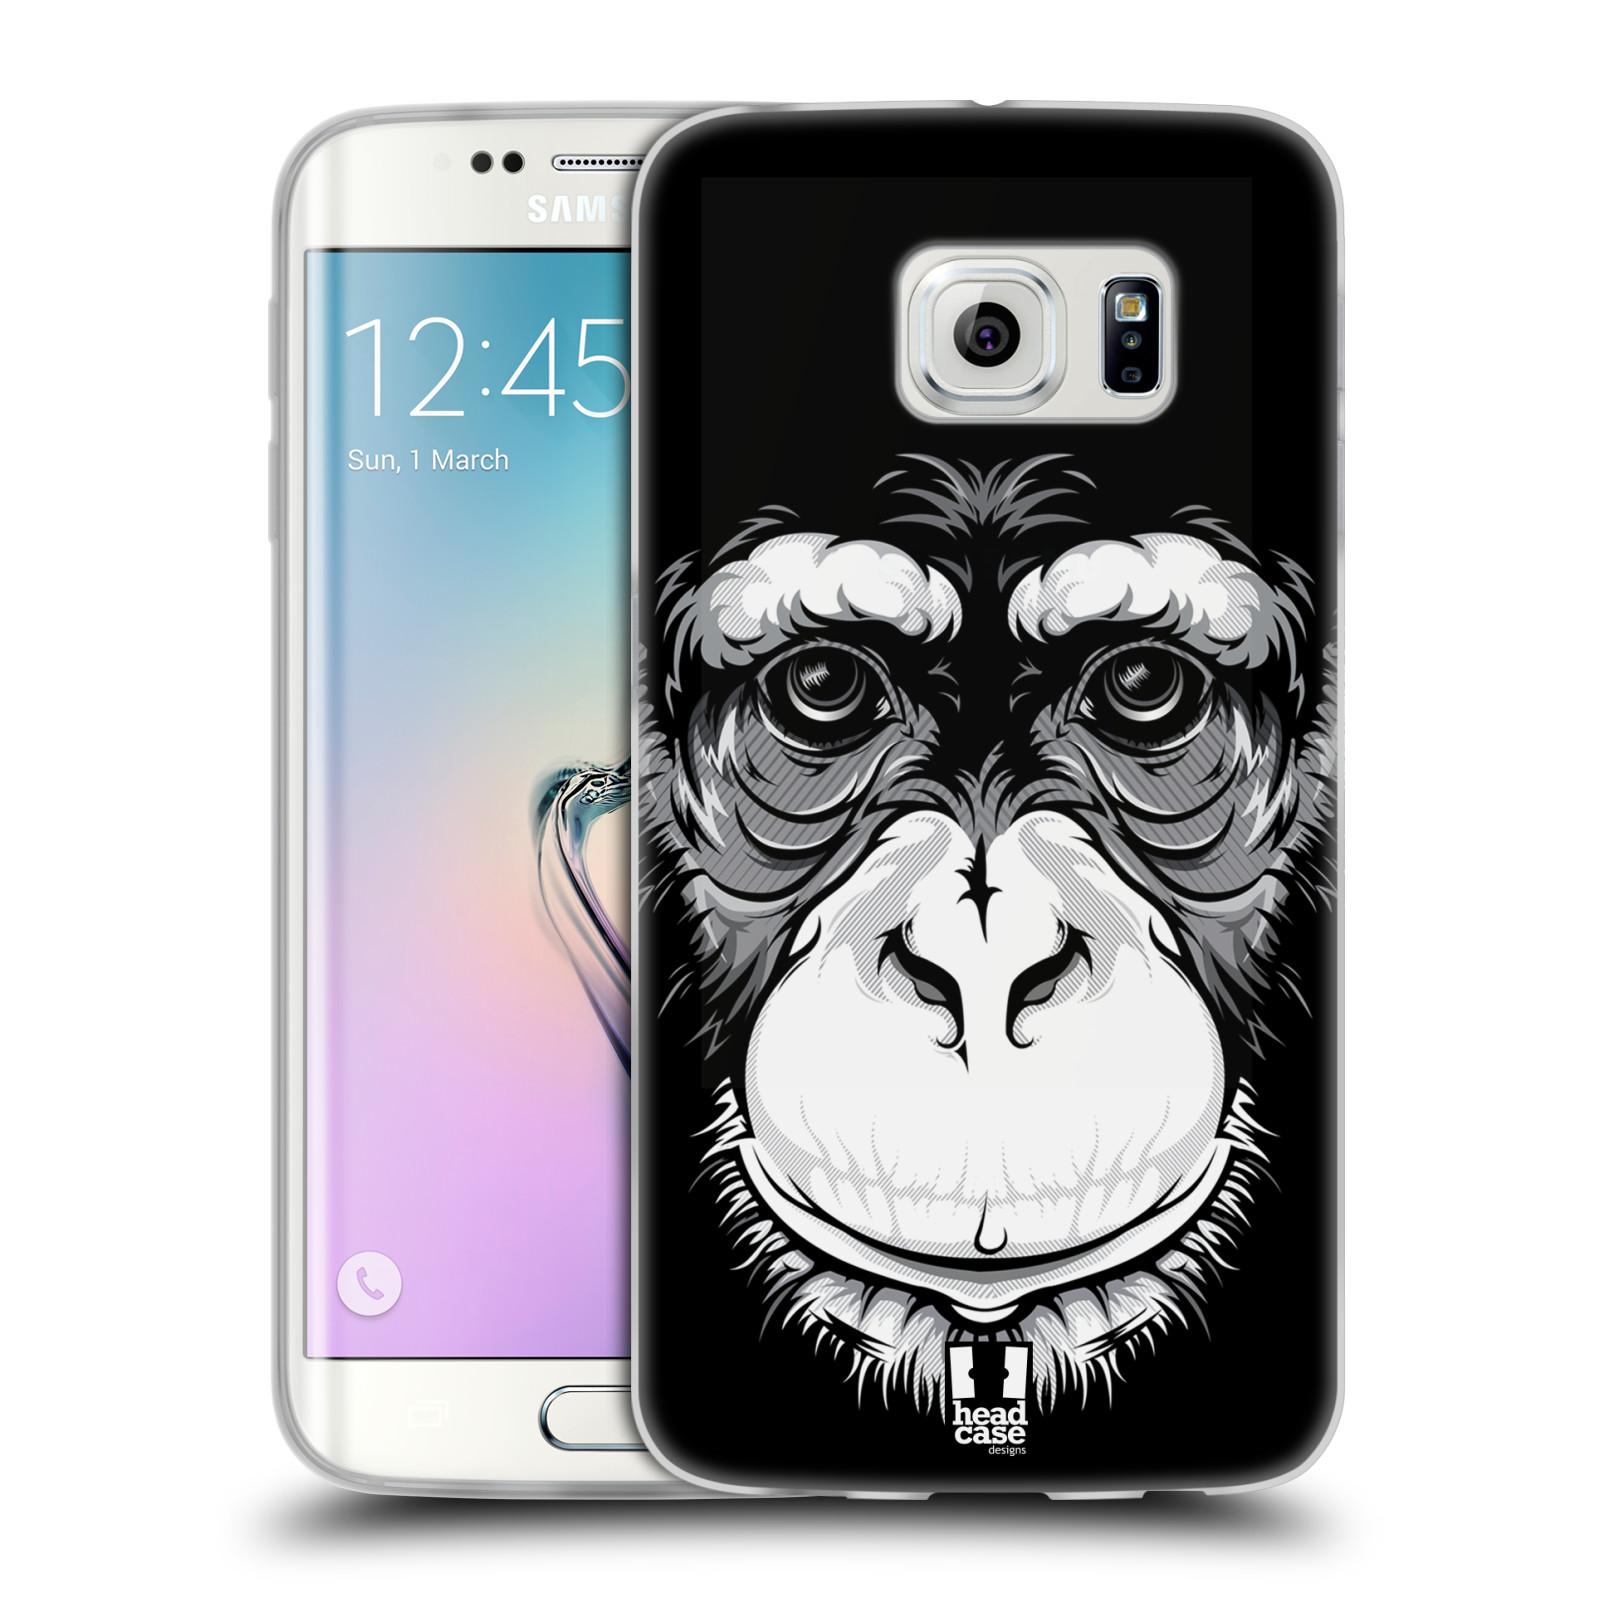 HEAD CASE silikonový obal na mobil Samsung Galaxy S6 EDGE vzor Zvíře kreslená tvář šimpanz